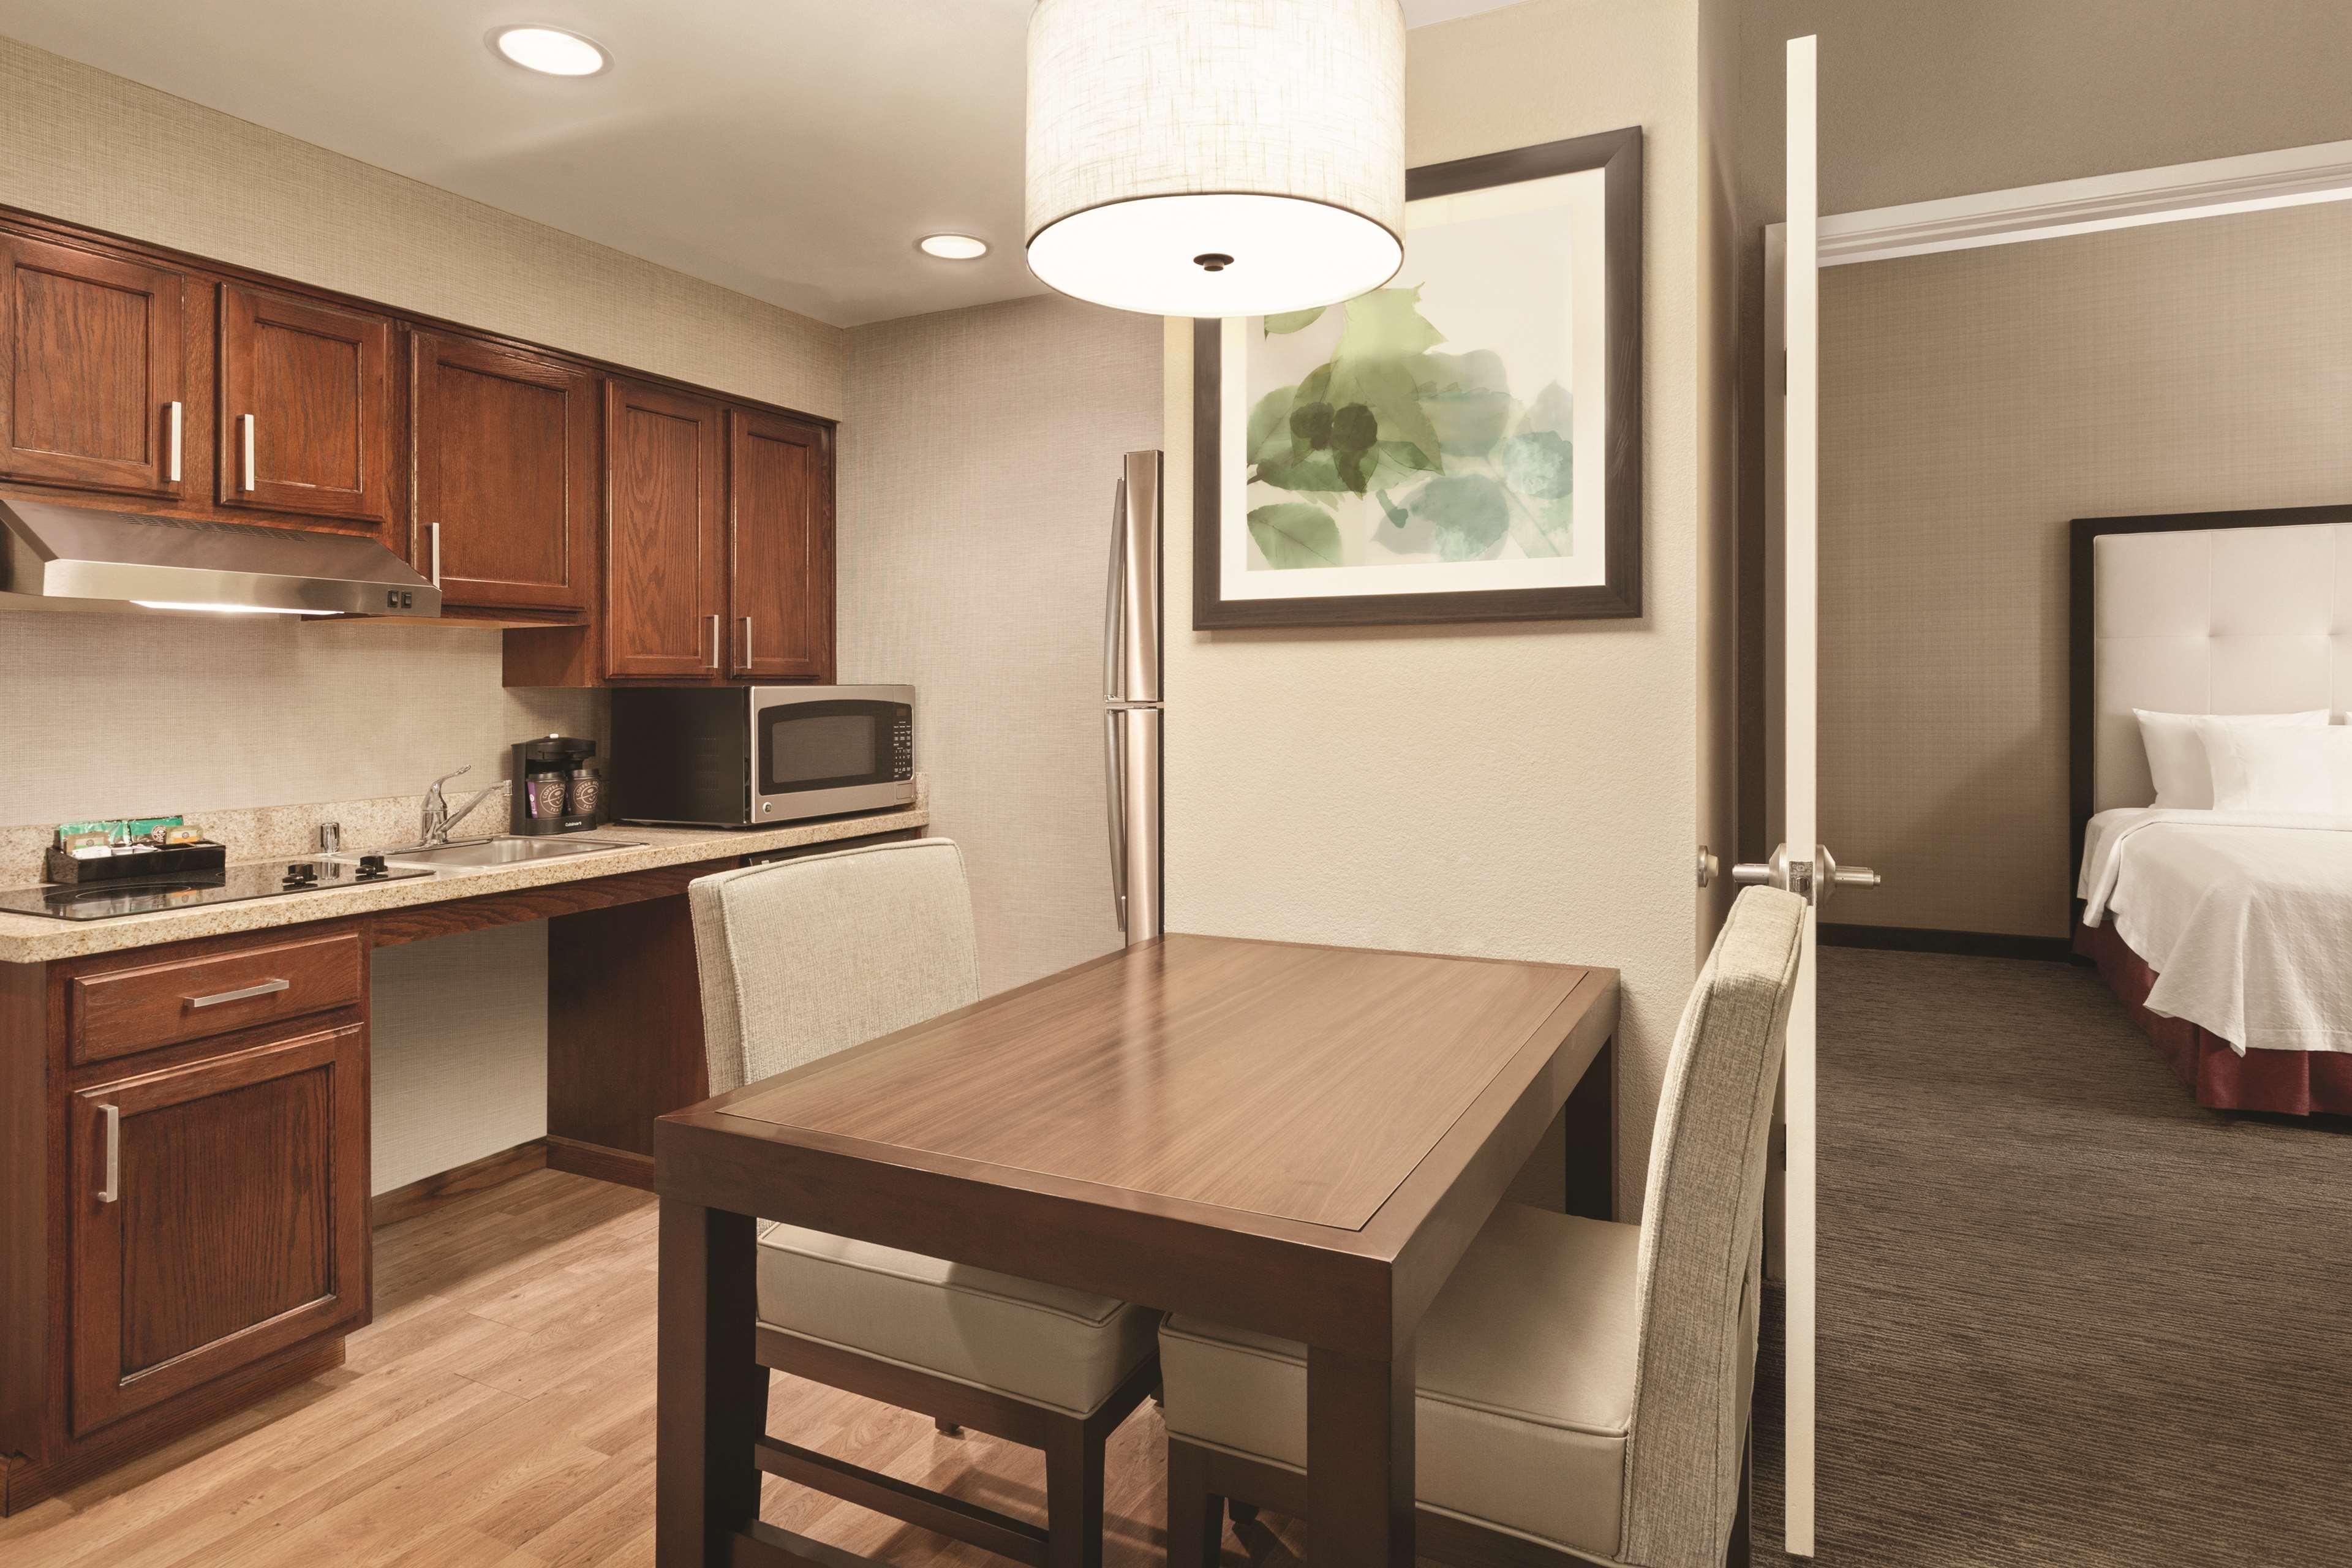 Homewood Suites by Hilton La Quinta image 29